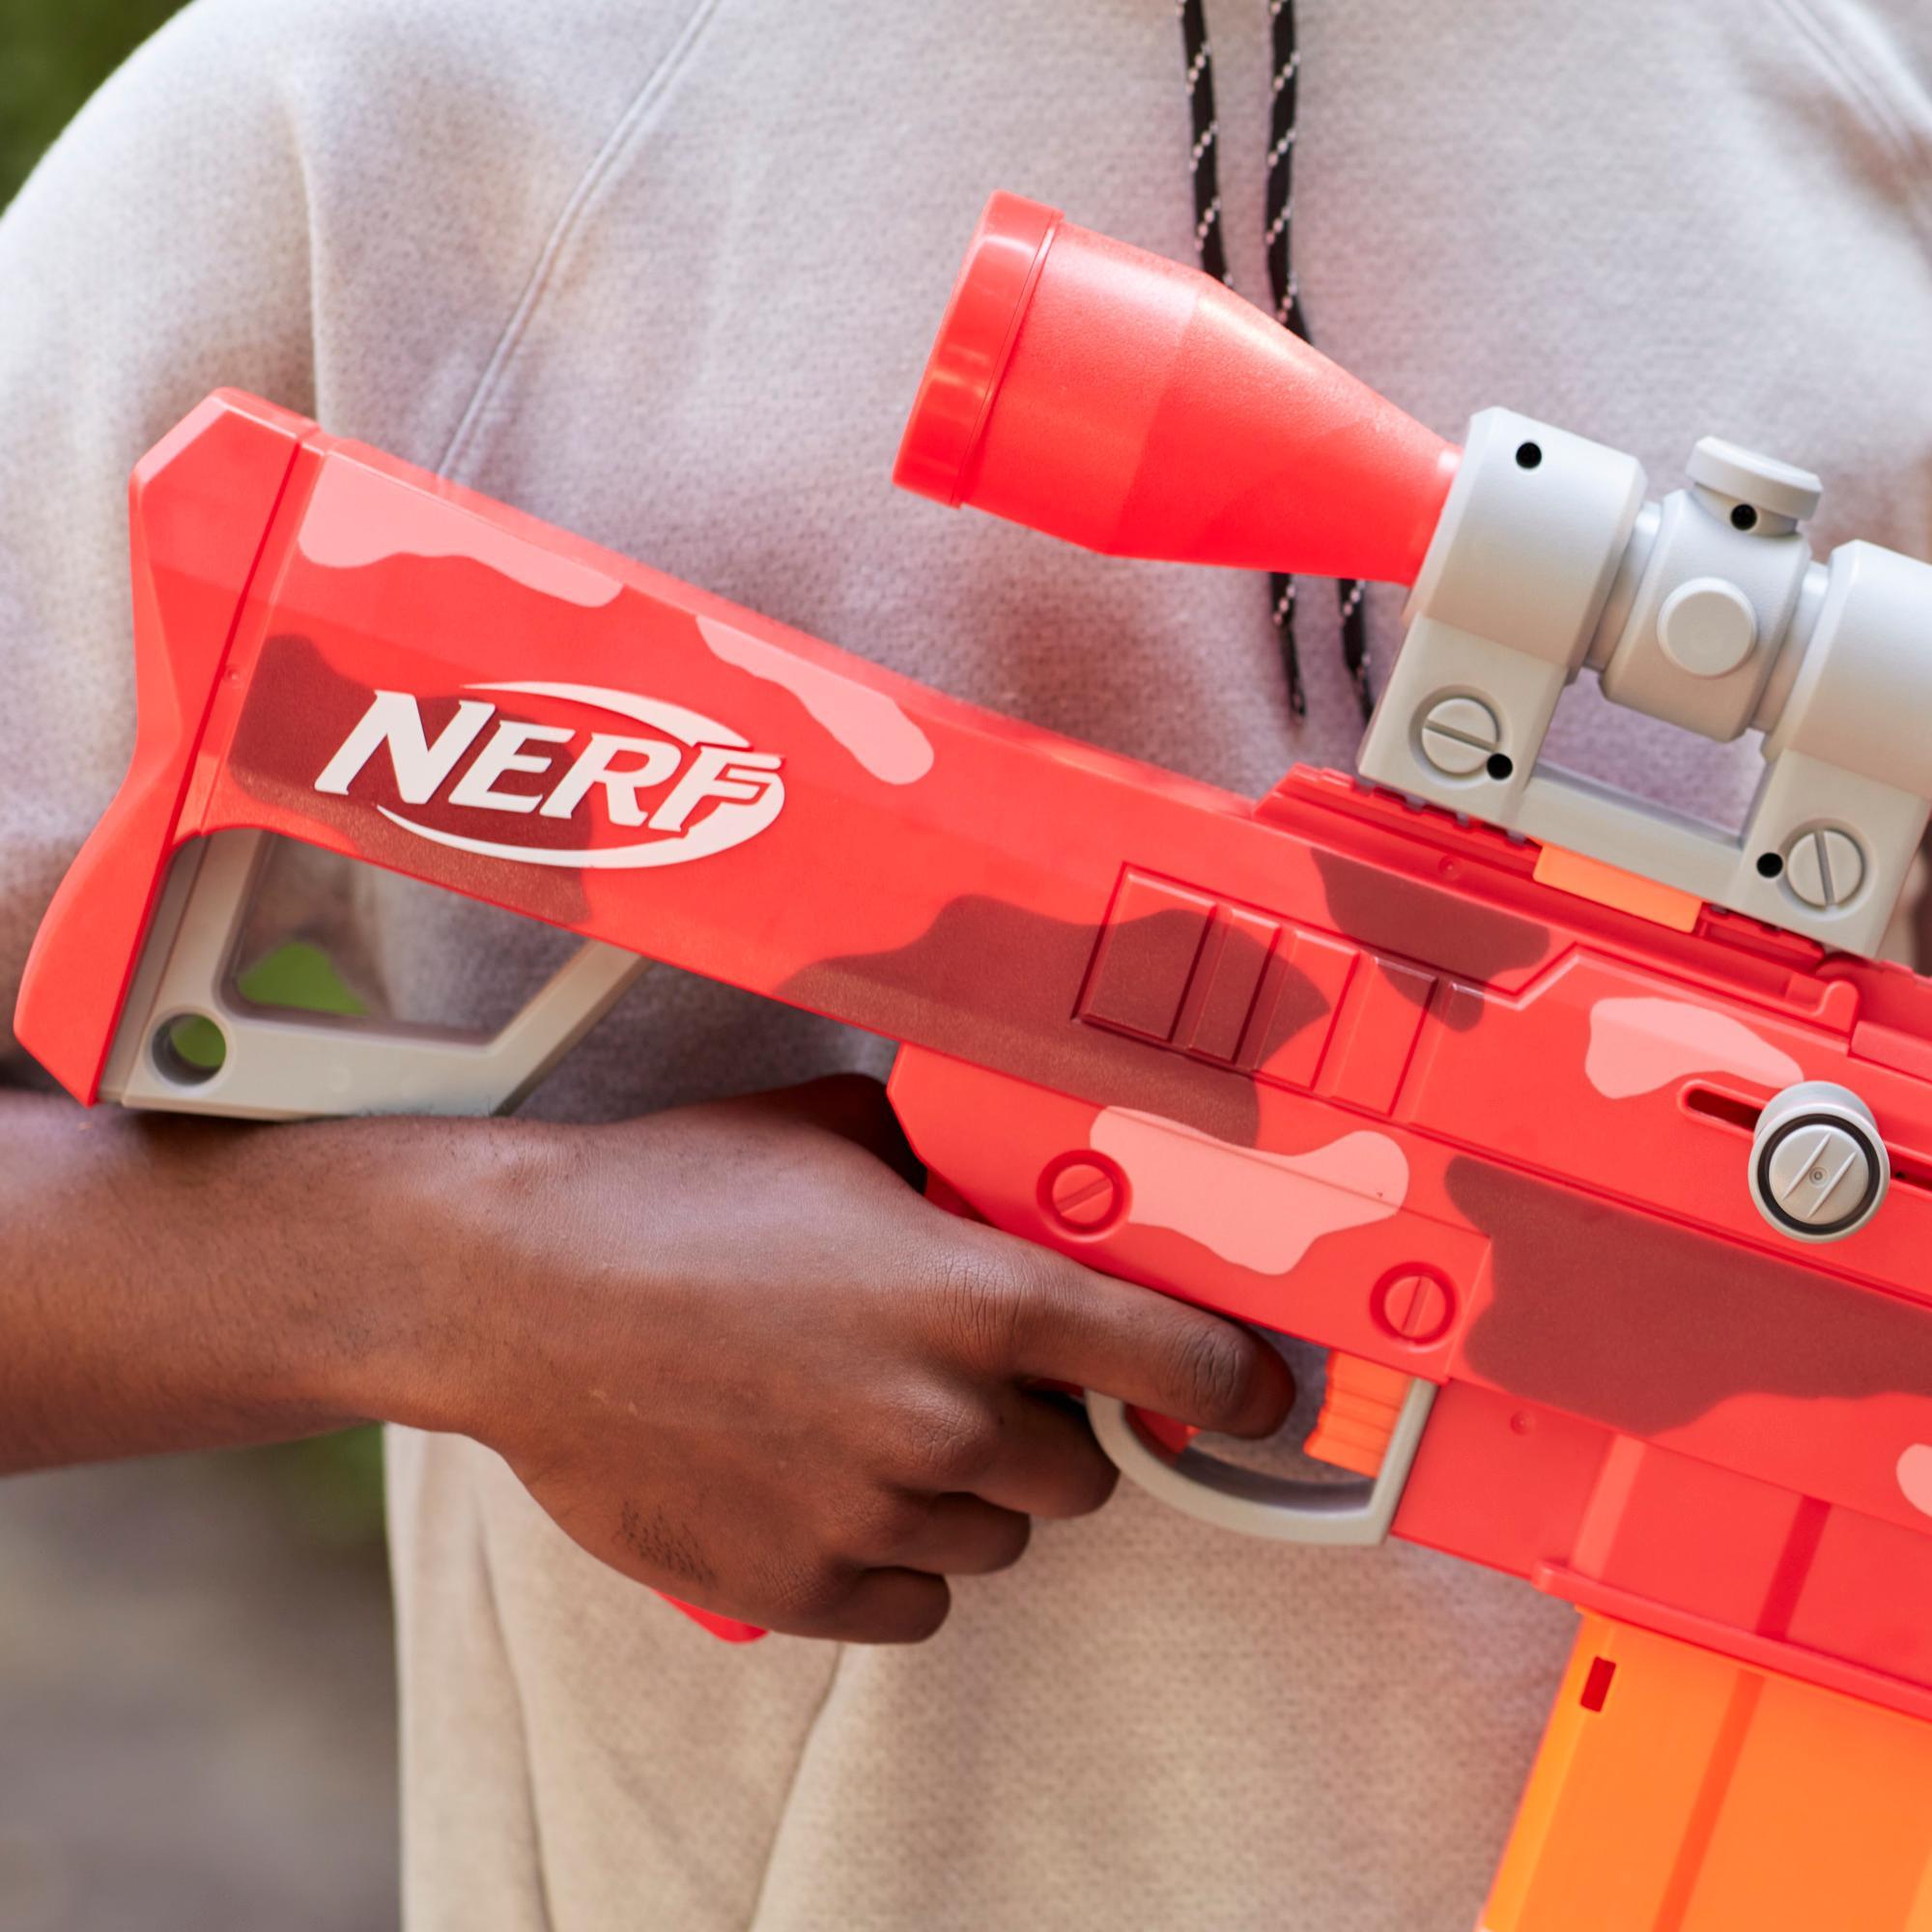 Nerf Fortnite Heavy SR Blaster, Longest Nerf Fortnite Blaster Ever, Removable Scope, 6 Nerf Mega Darts, 6-Dart Clip